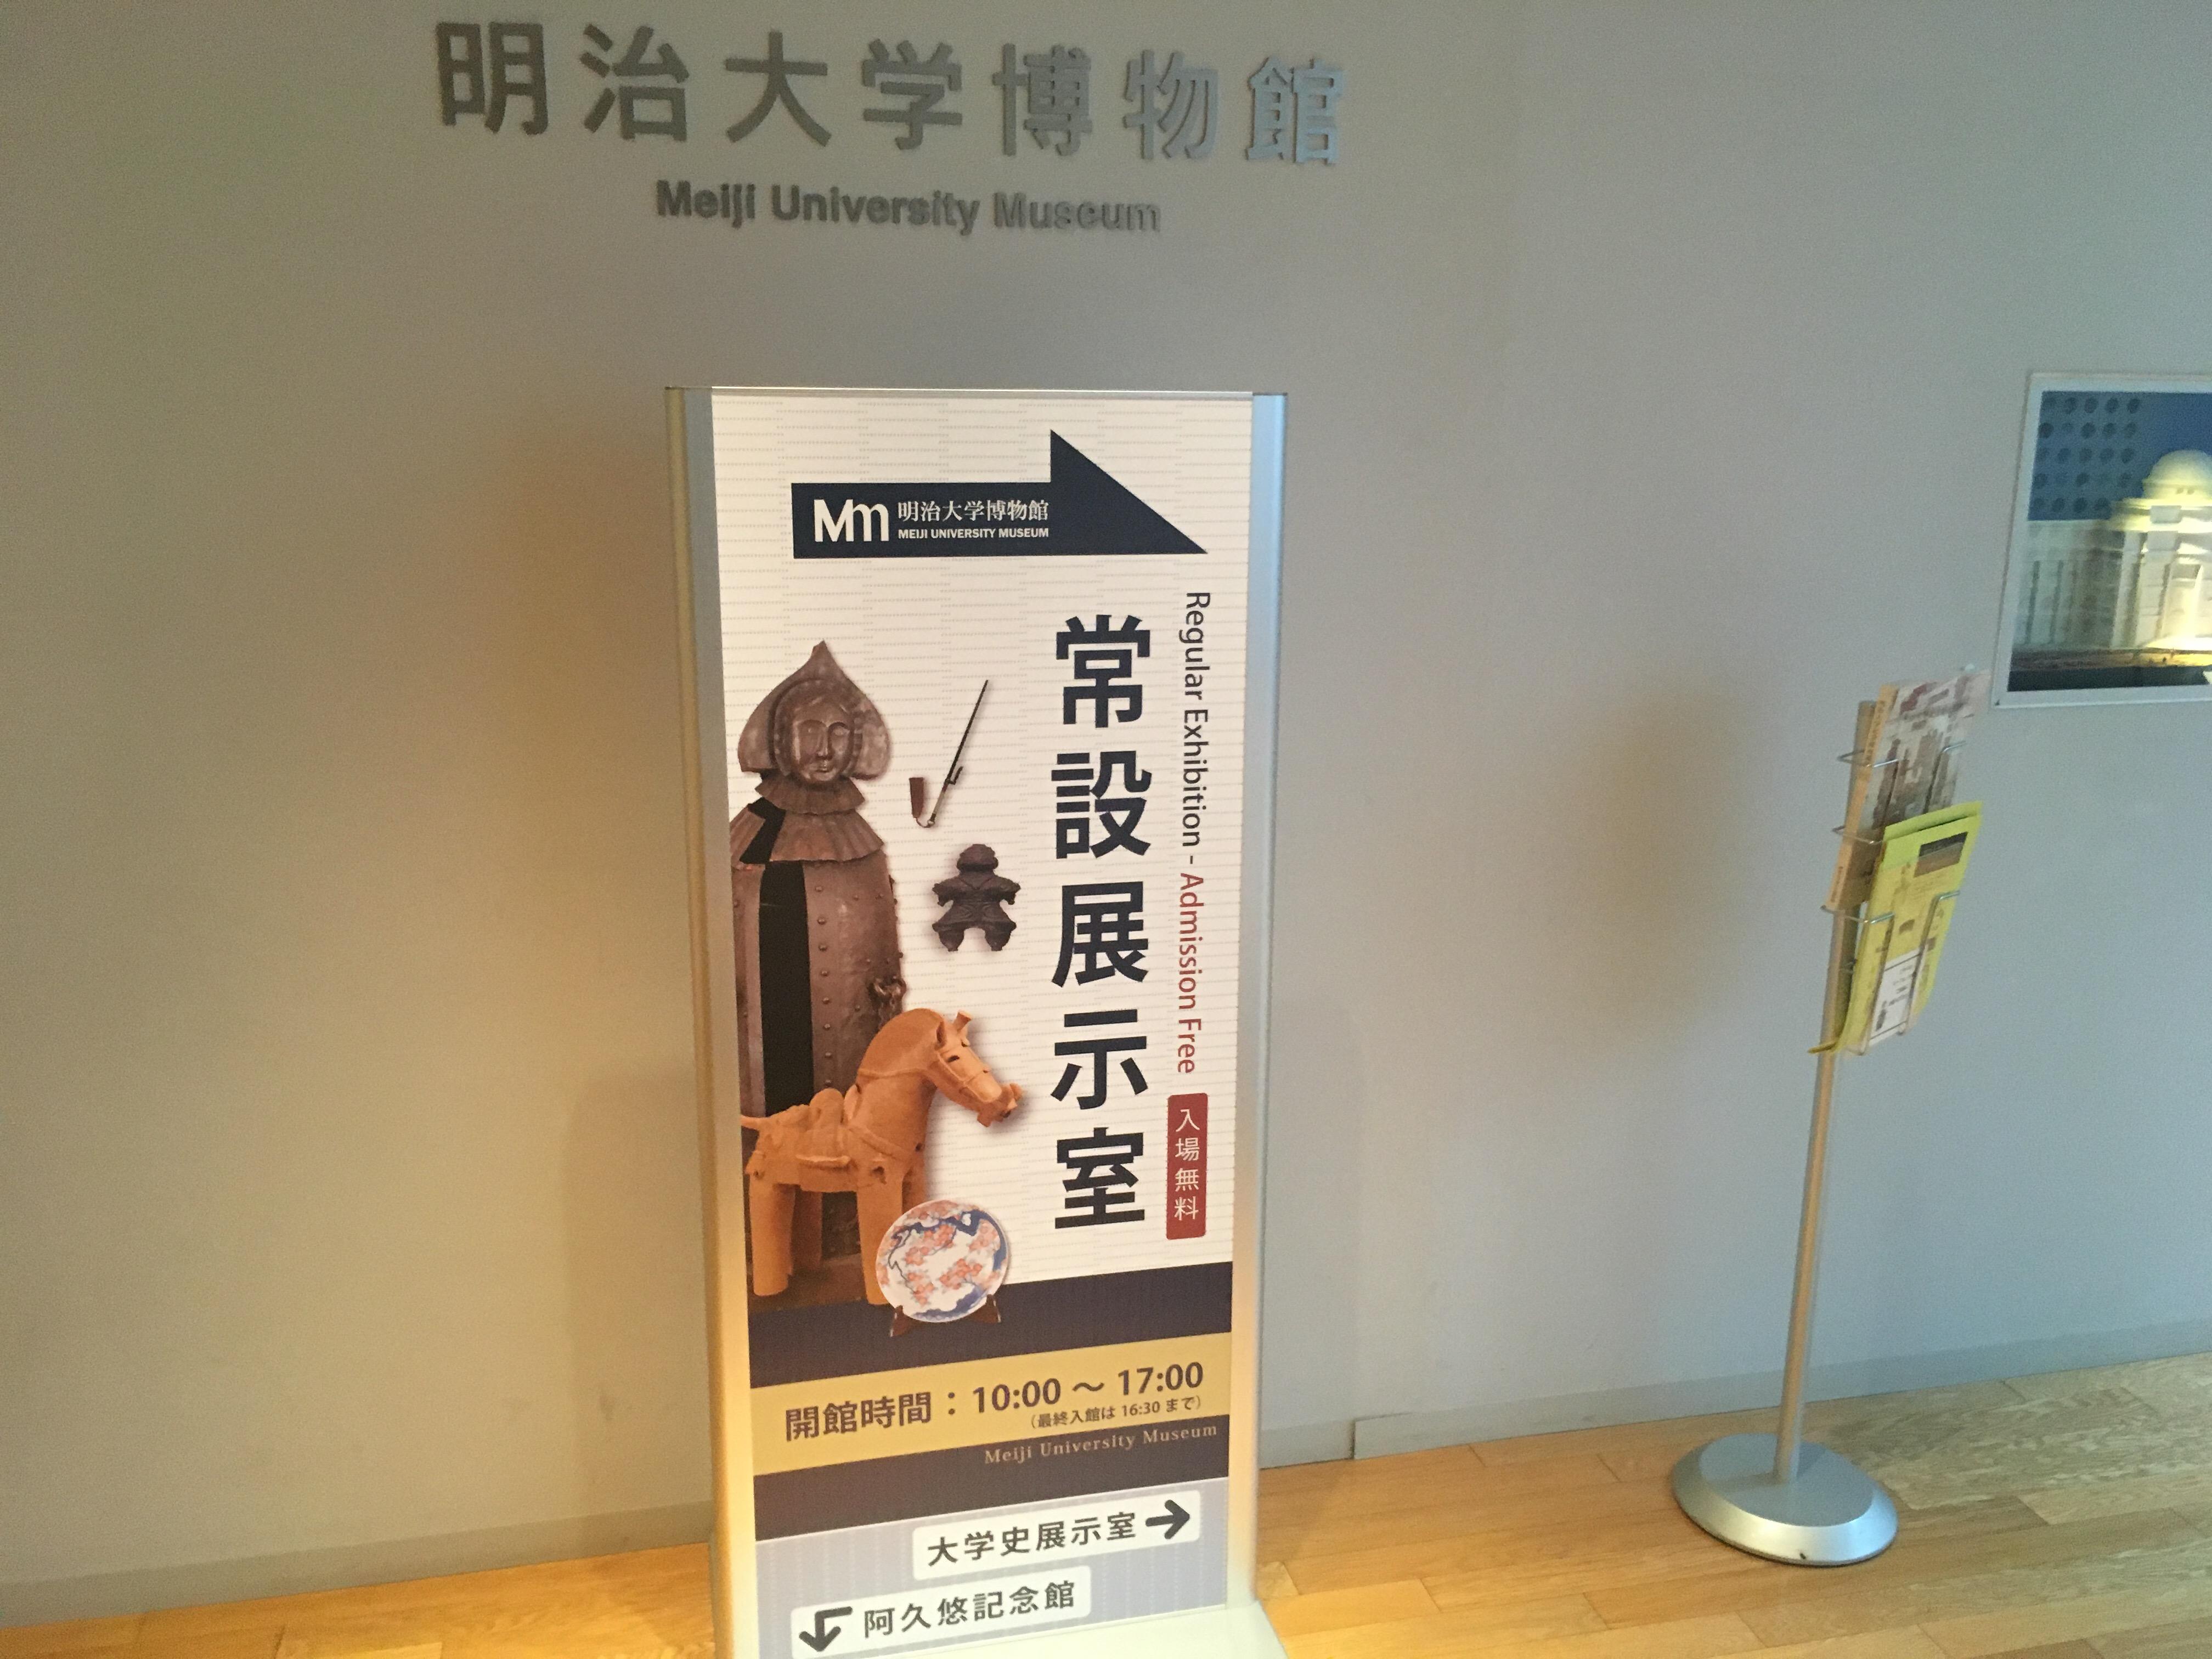 ホントにあったんだ!恐怖の拷問器具が閲覧できる博物館「明治大学博物館」